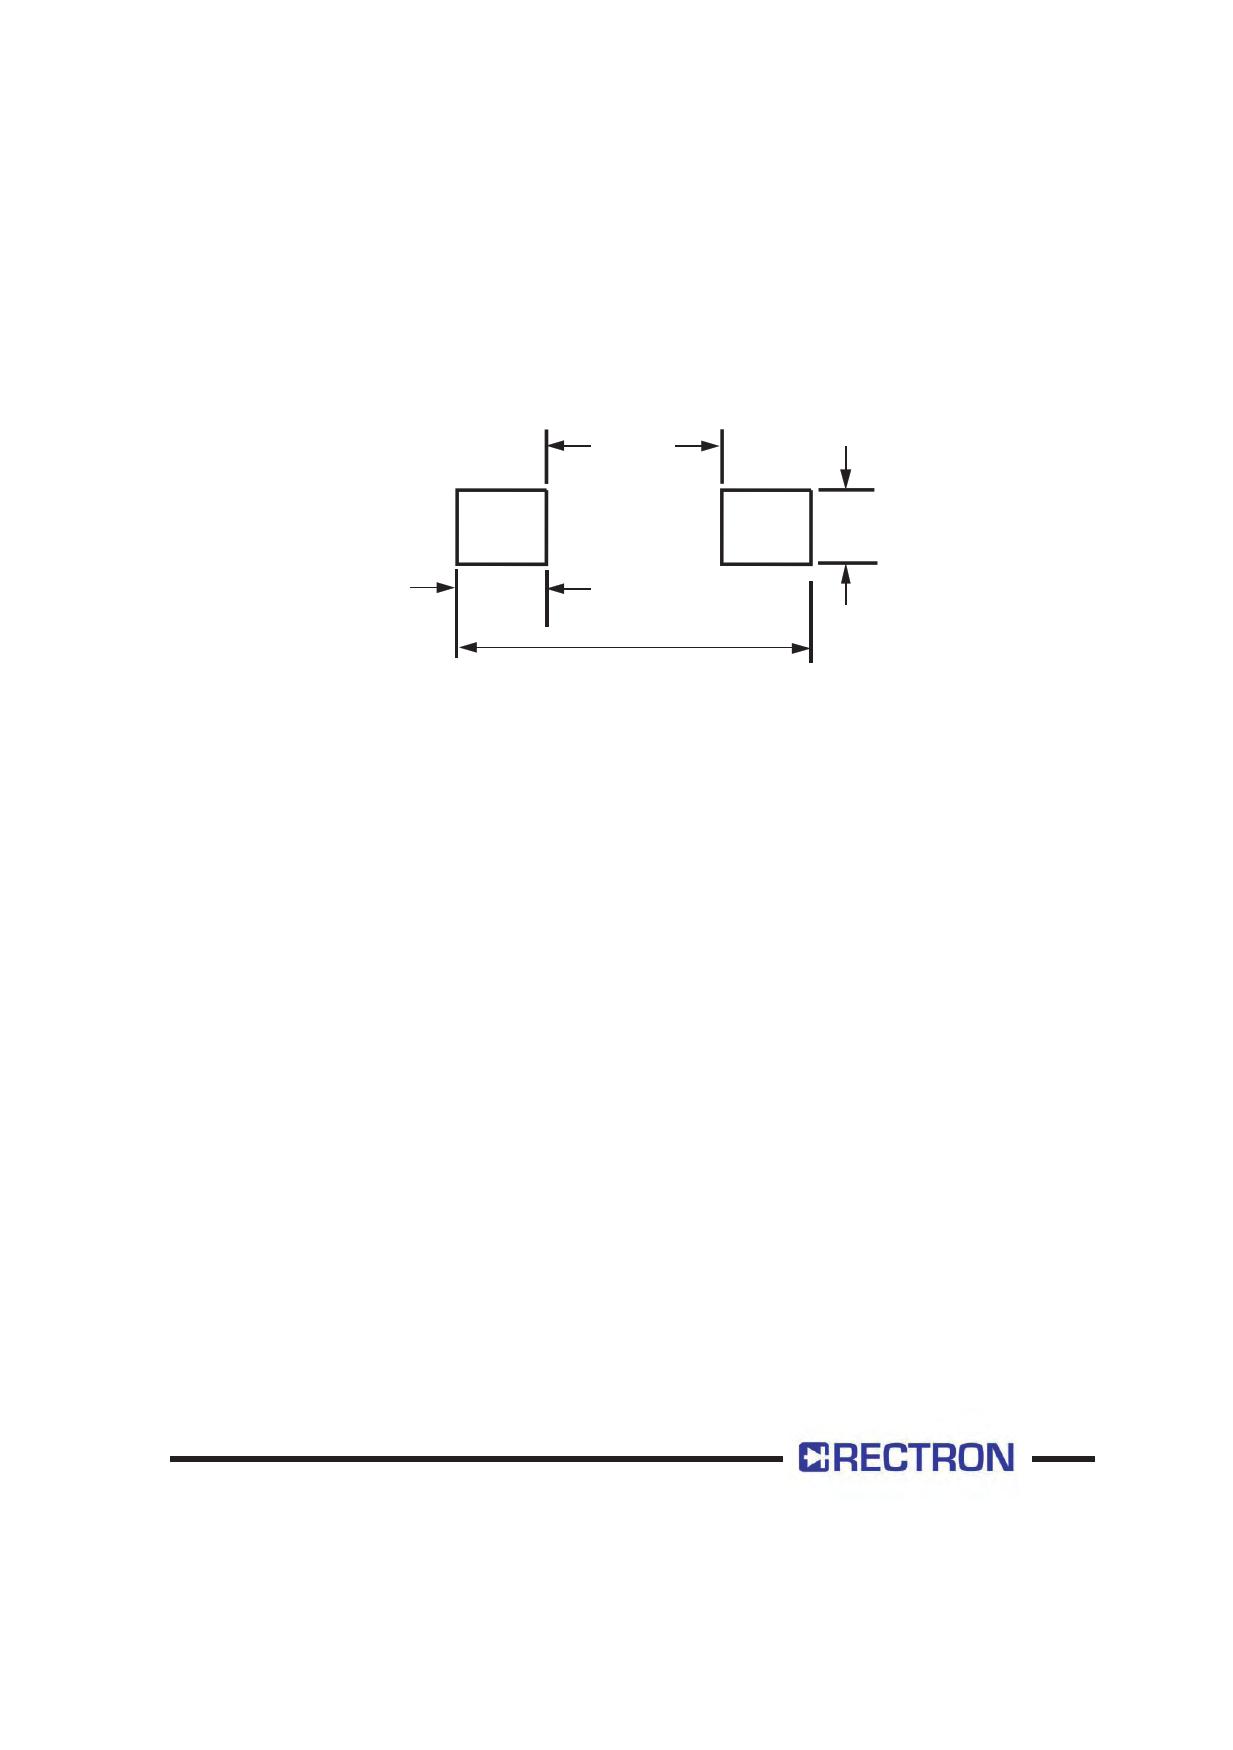 MURS340 pdf, ピン配列